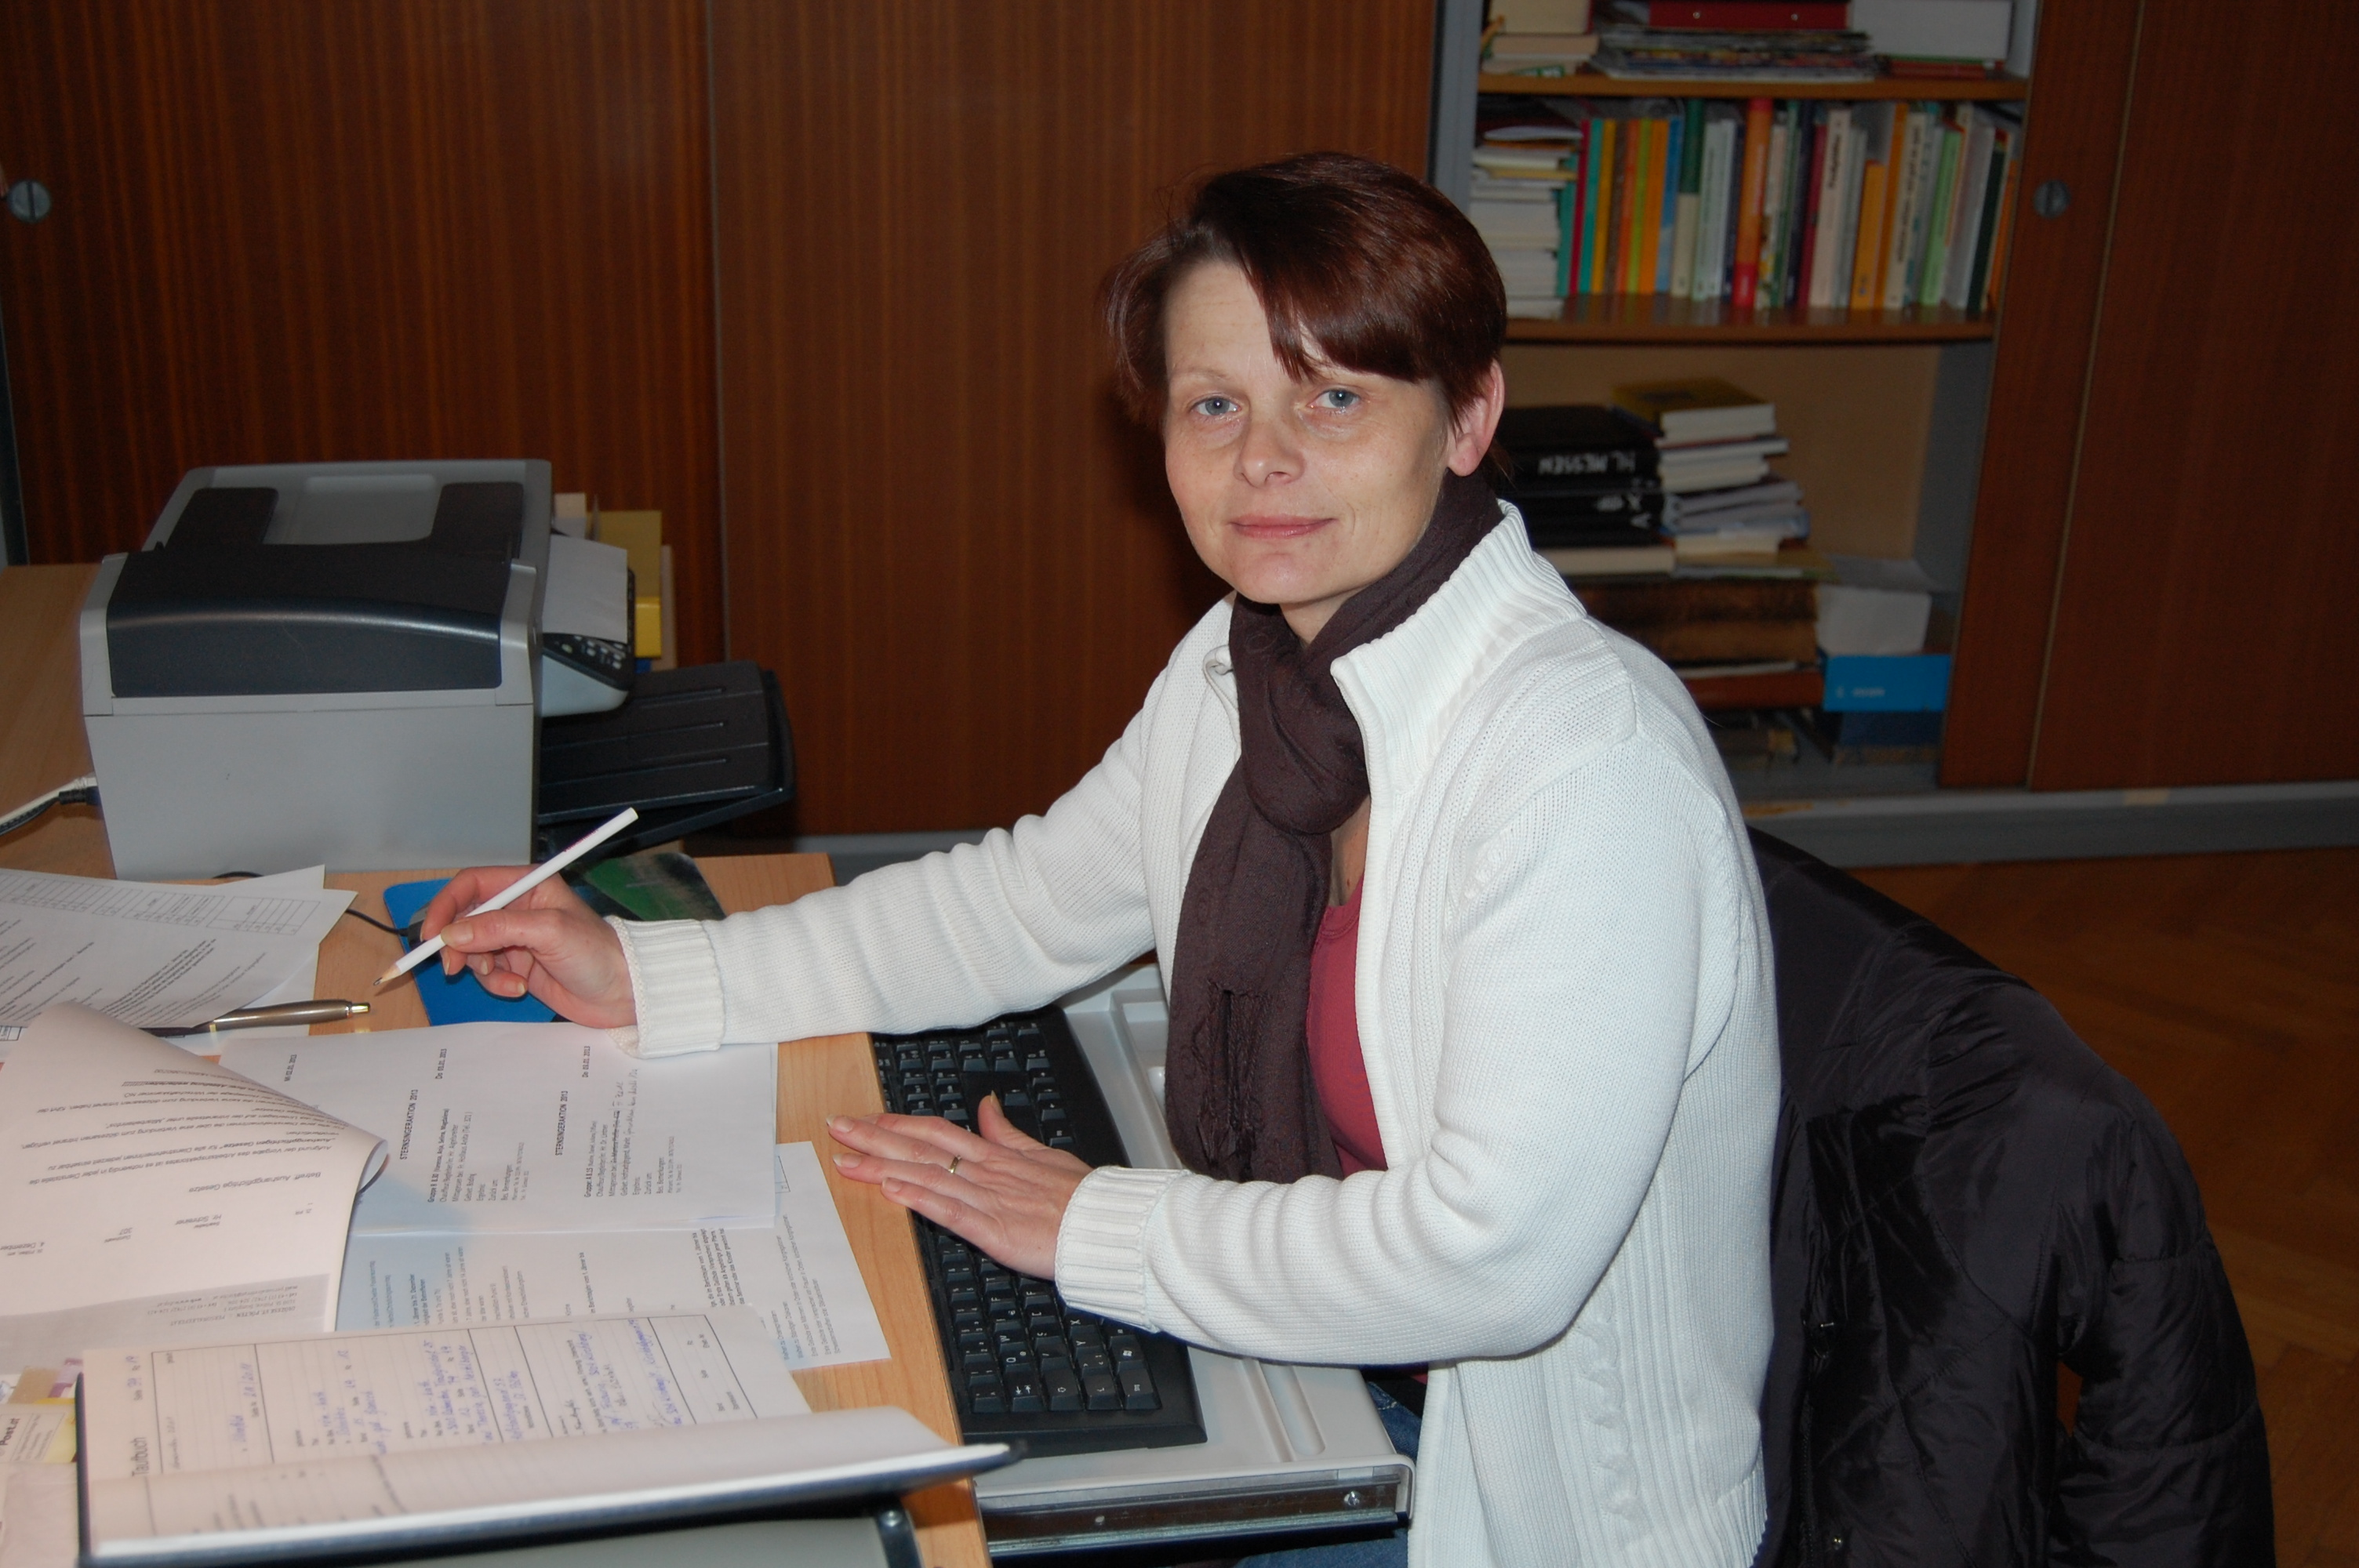 Erika Grasmann